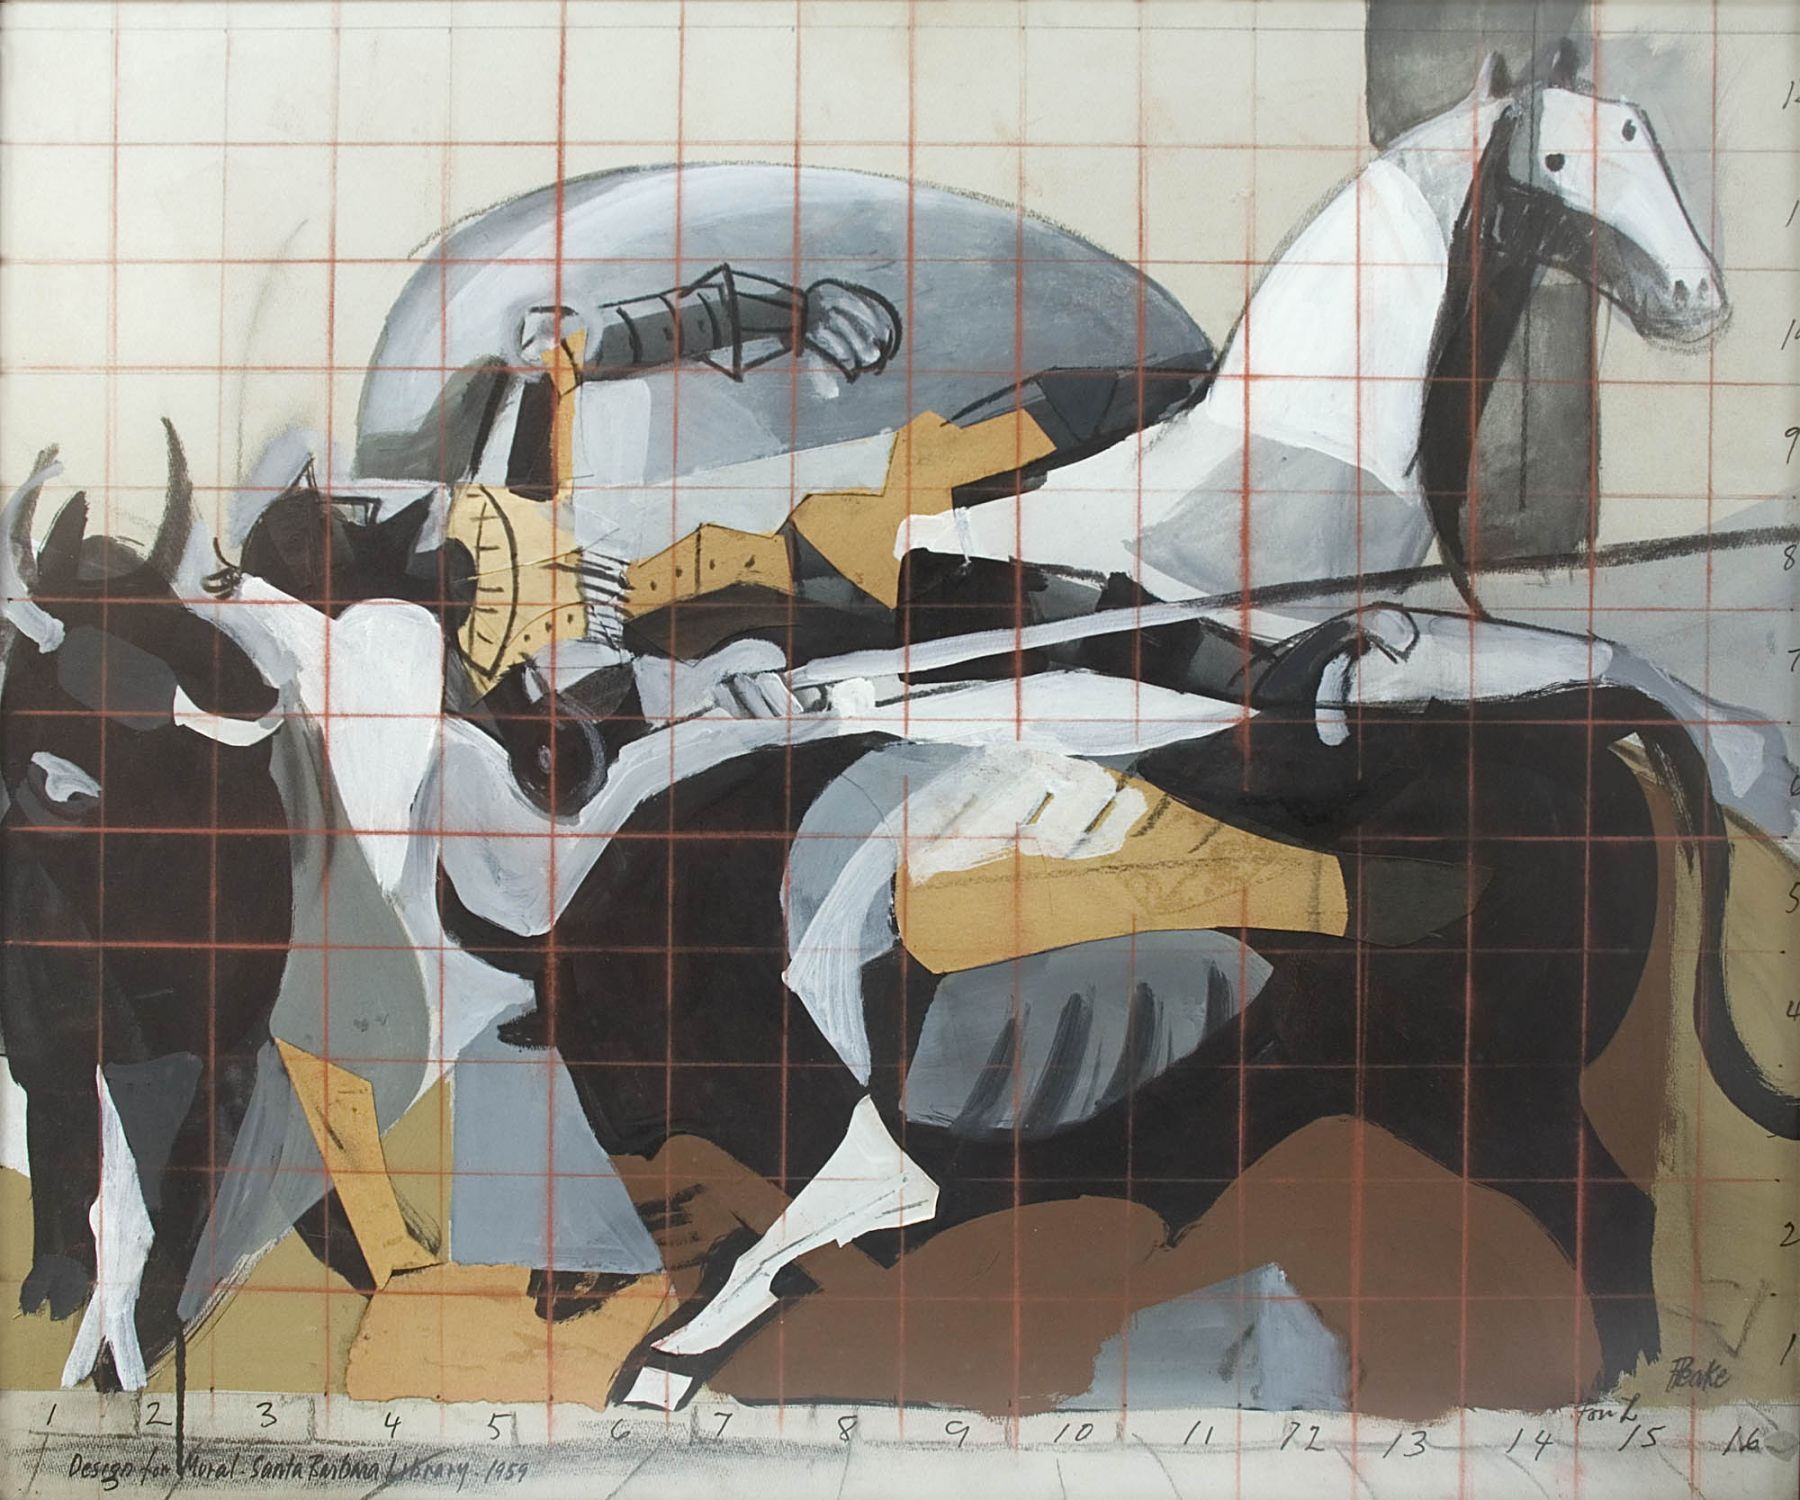 Channing Peake, Design for Mural - Santa Barbara